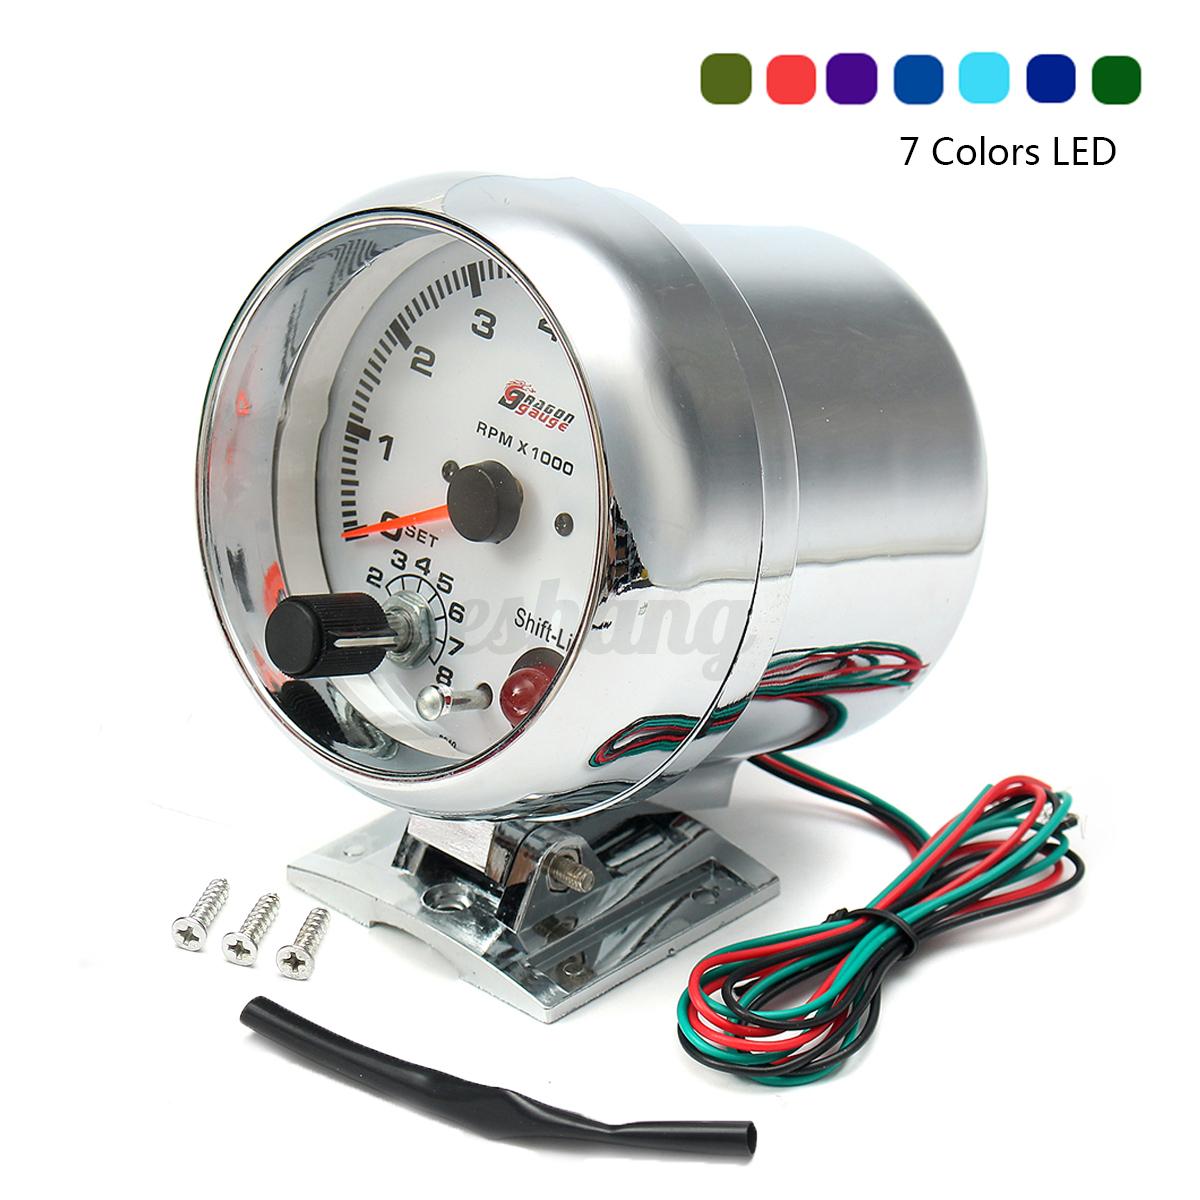 Universal-Tachometer-Tacho-Gauge-Meter-Range-0-8000-RPM-W-7-color-LED-Backlight